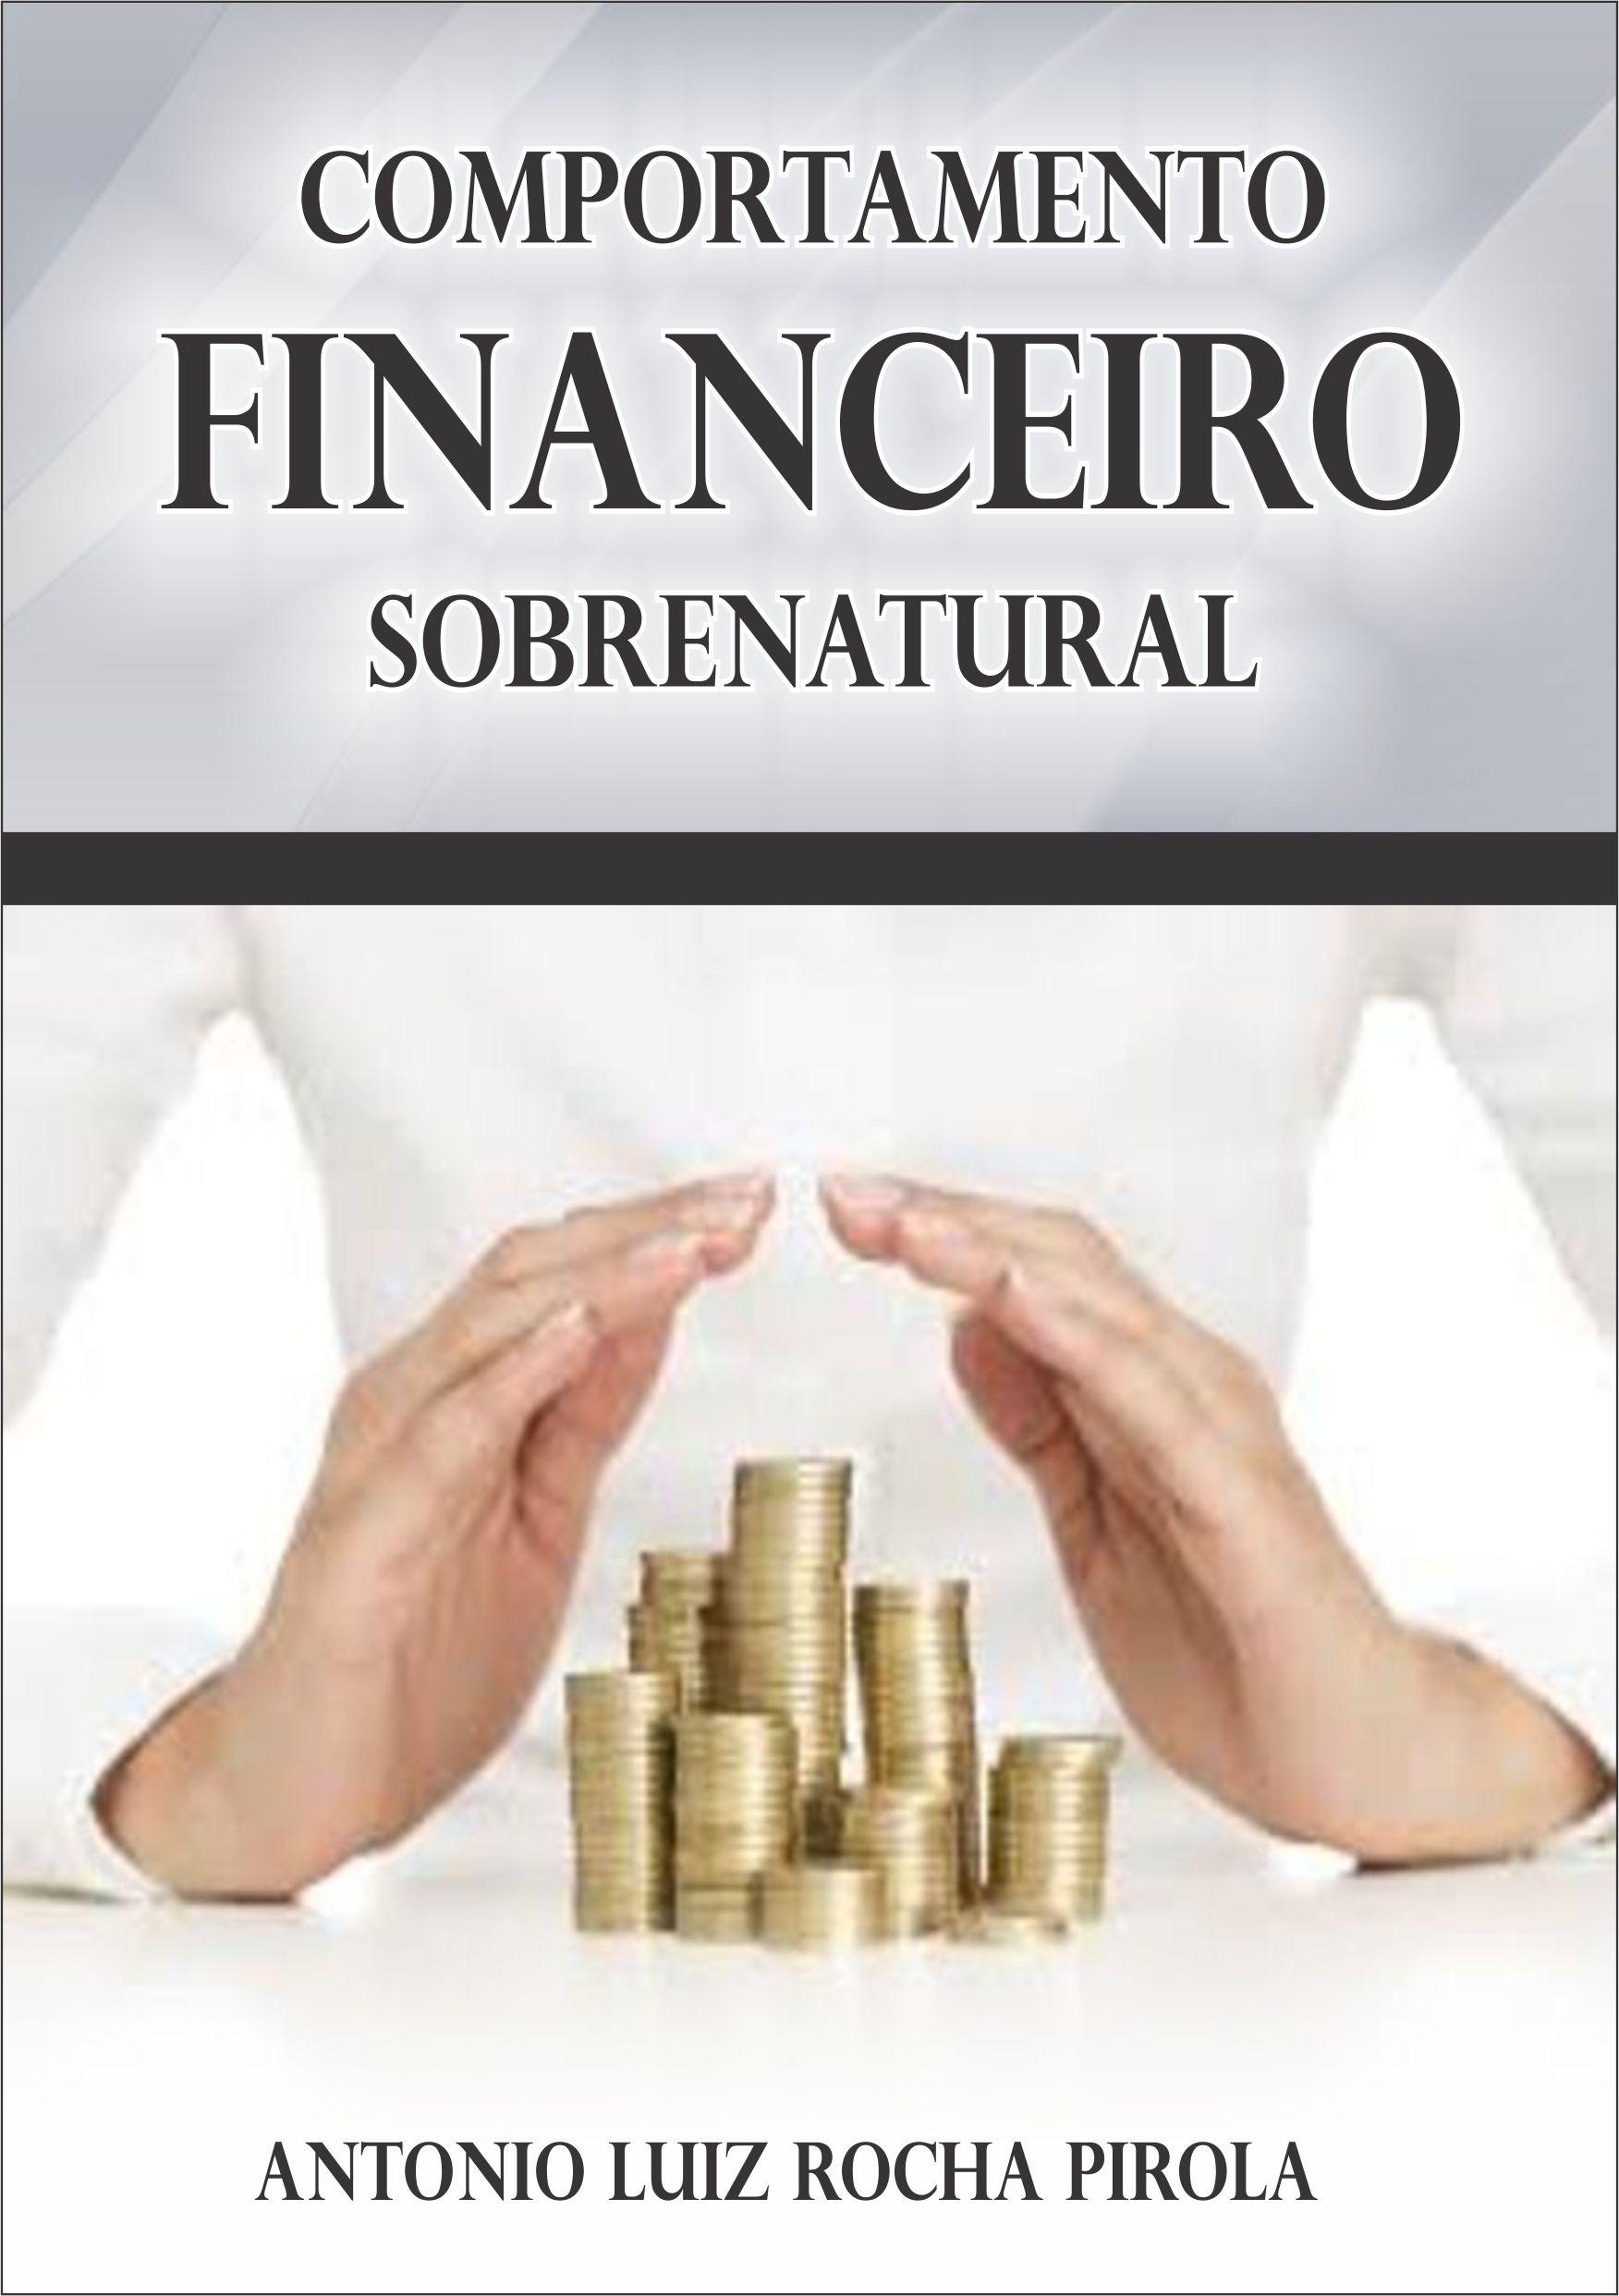 Comportamento Financeiro Sobrenatural